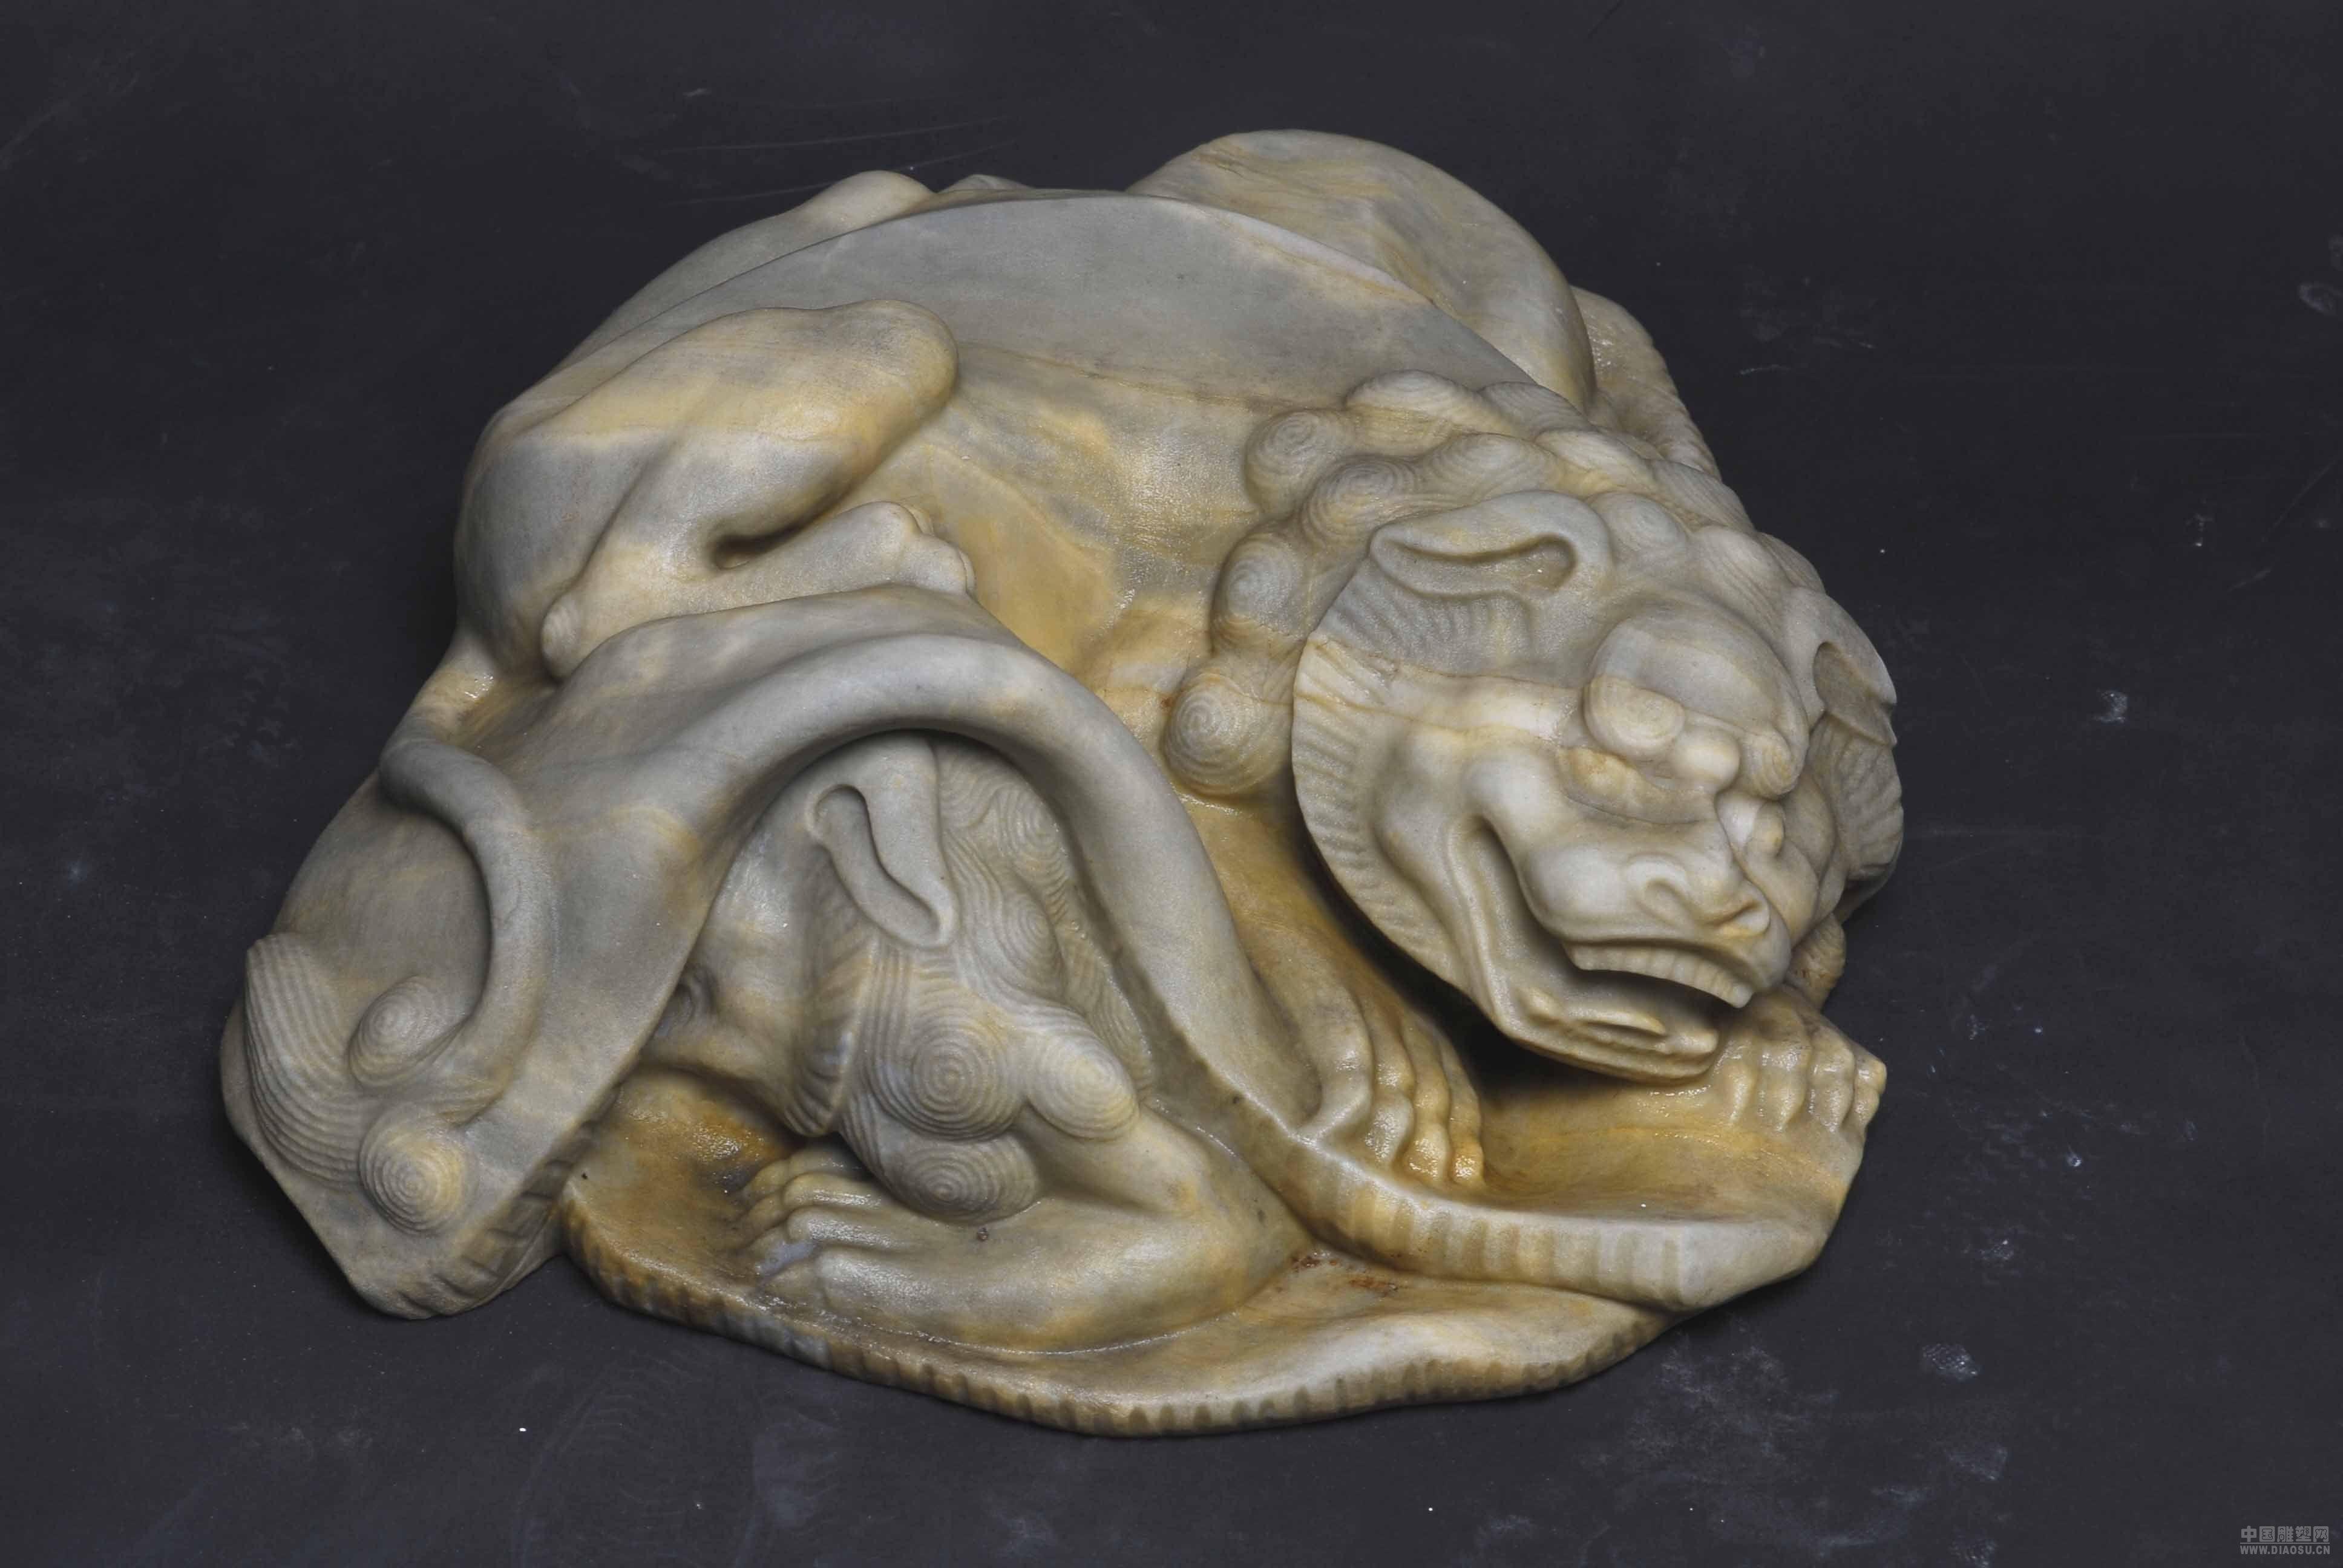 石雕    3 - h_x_y_123456 - 何晓昱的文化艺术博客